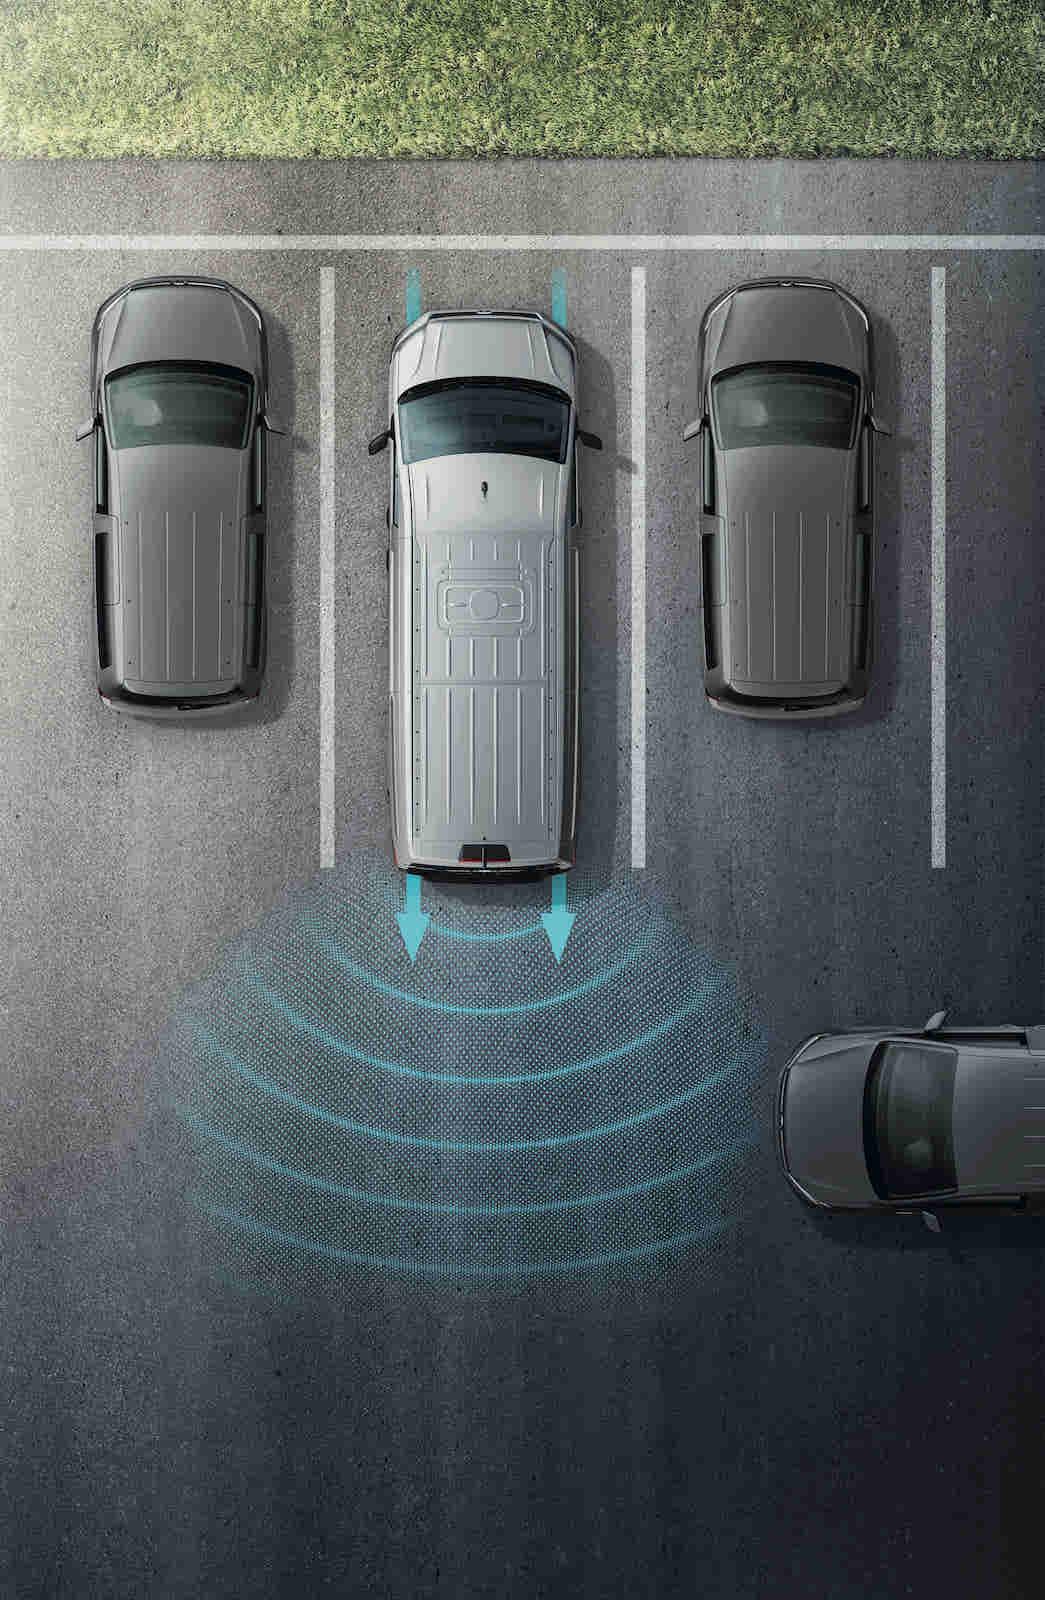 RTA 後方橫向車流警示系統 (含煞車輔助功能)。